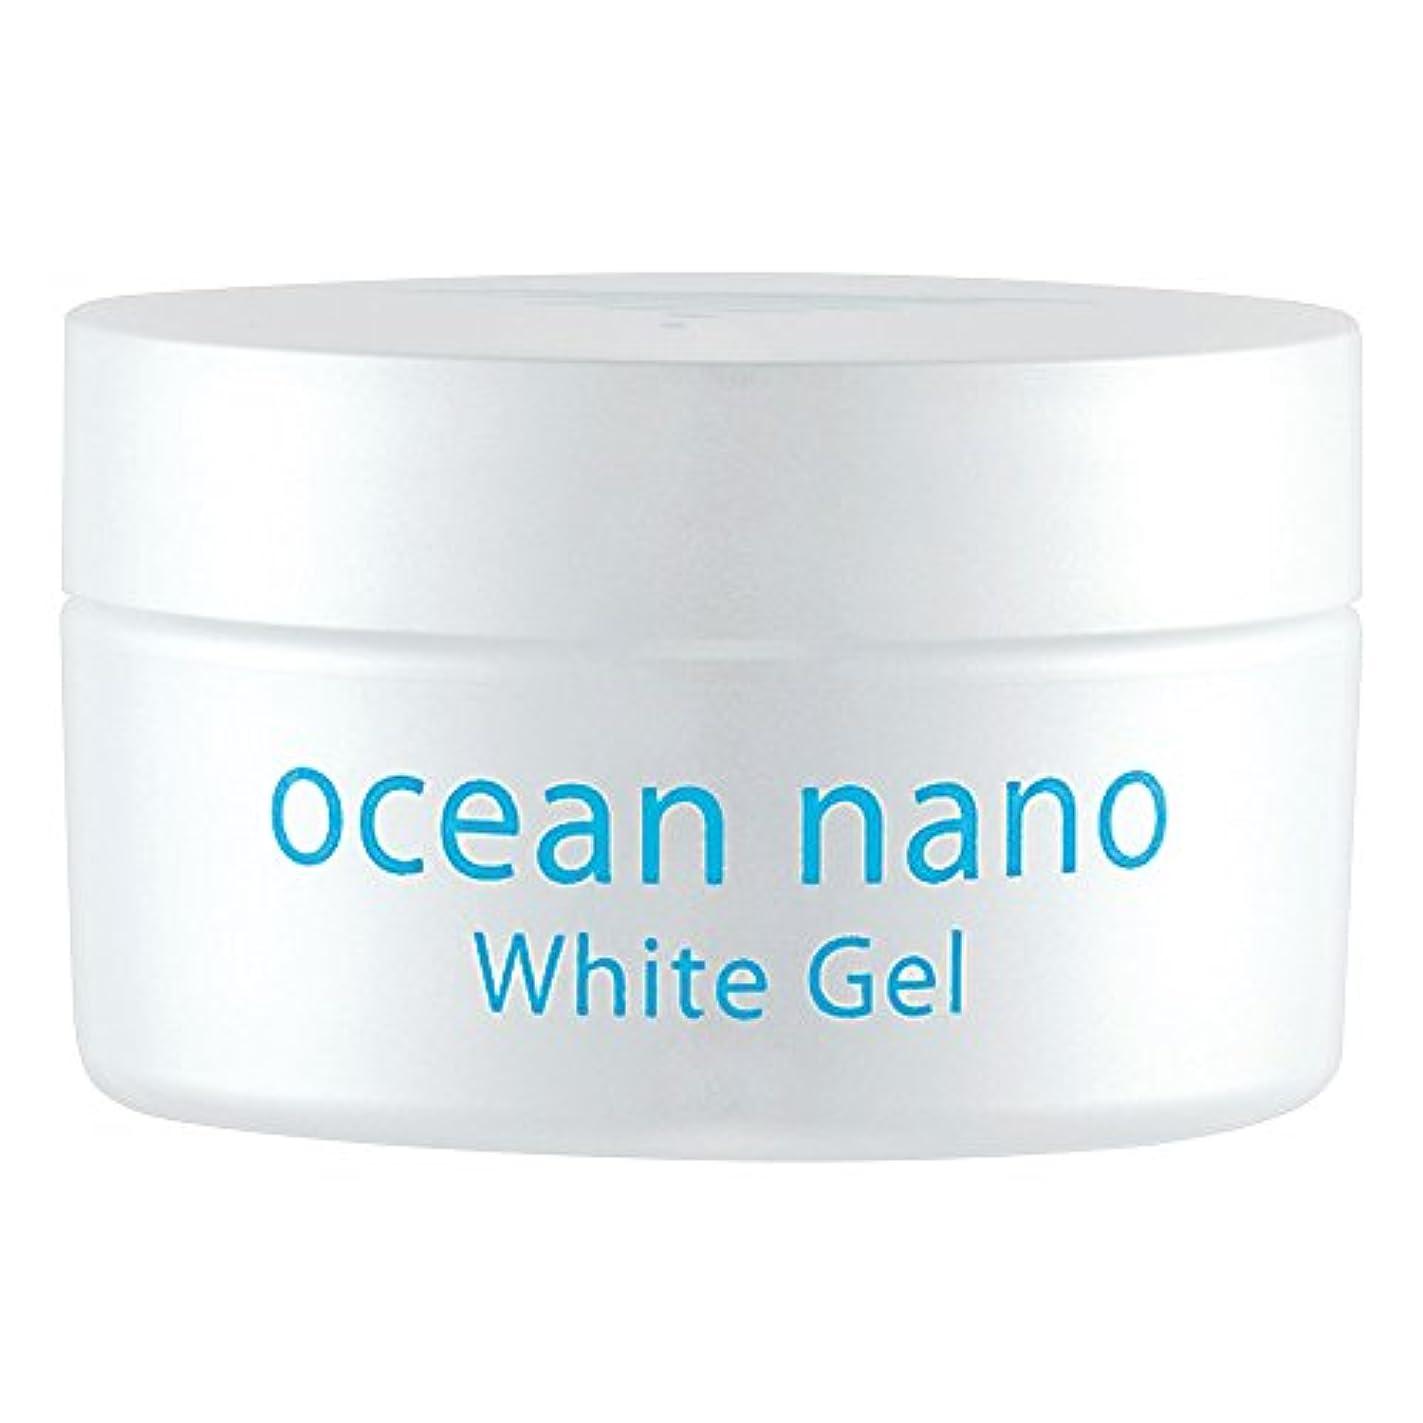 やがて遅滞人気のオーシャンナノ ホワイトゲルS 60g (ジャータイプ)